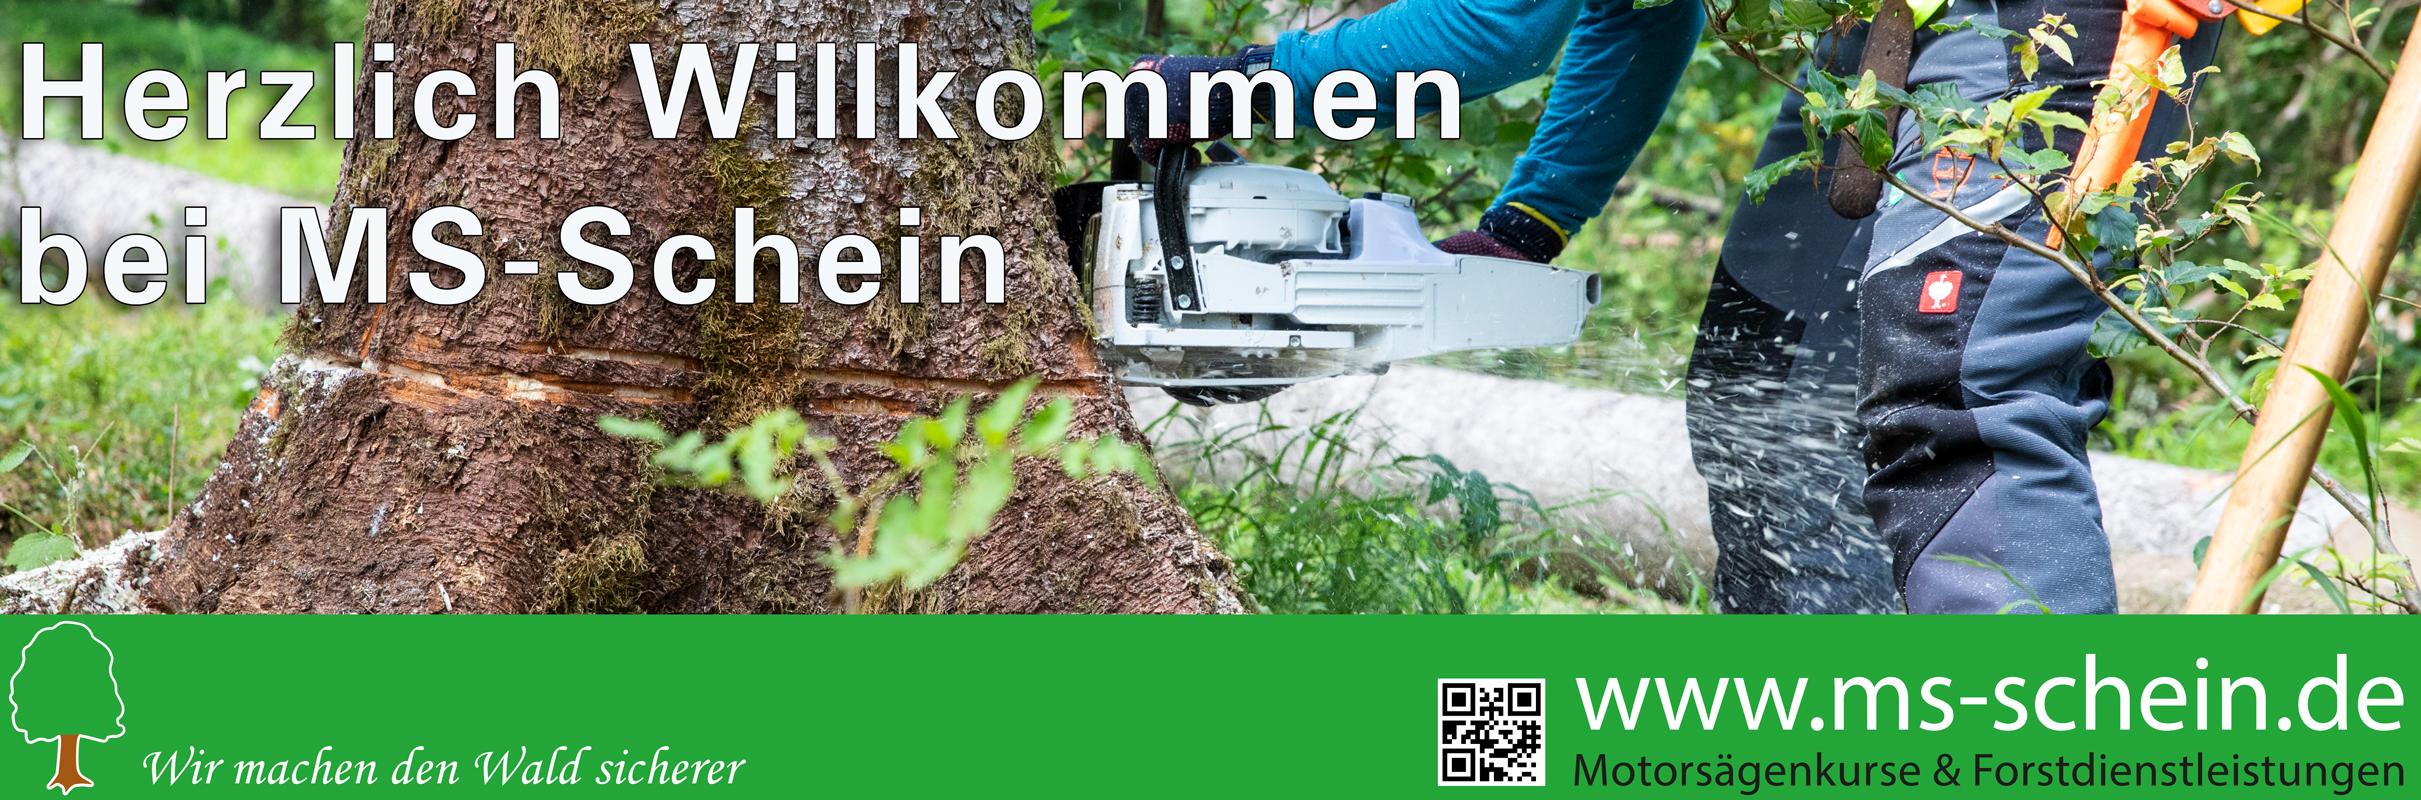 MS-Schein.de